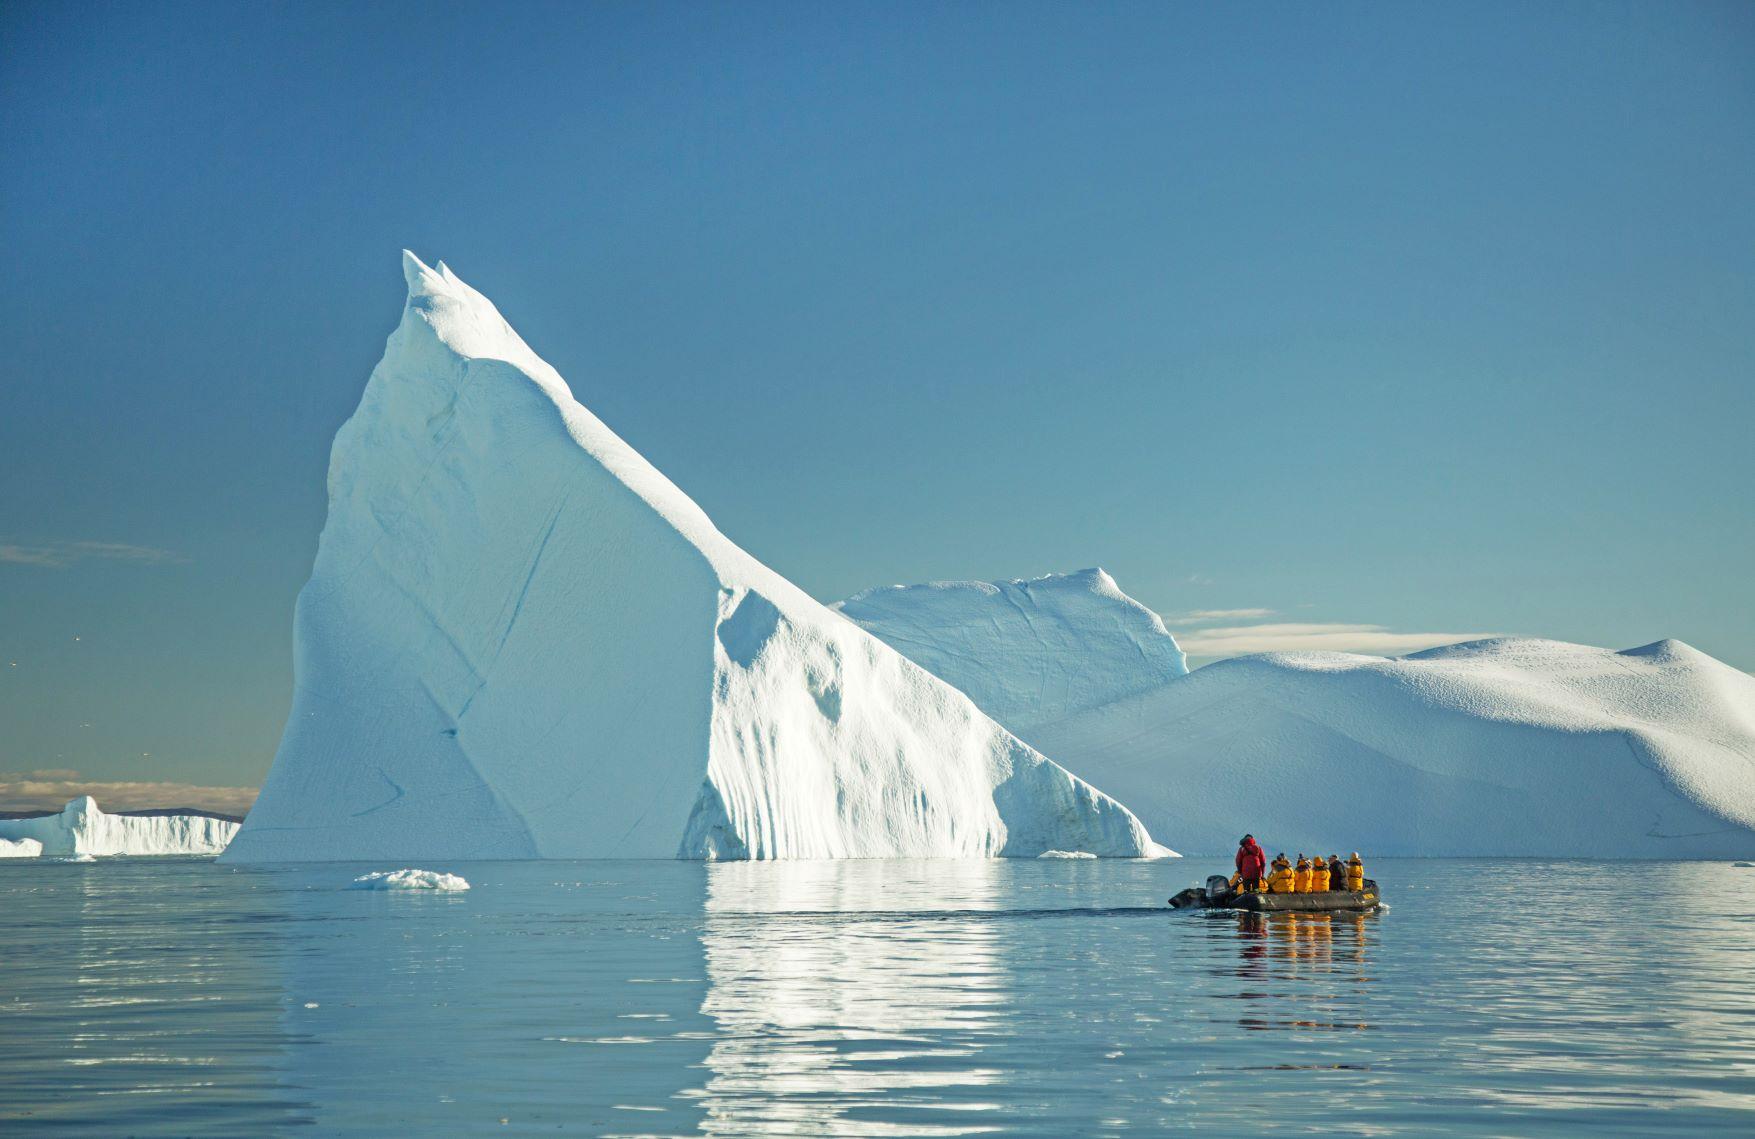 ゾディアッククルーズで巨大な氷山を観察